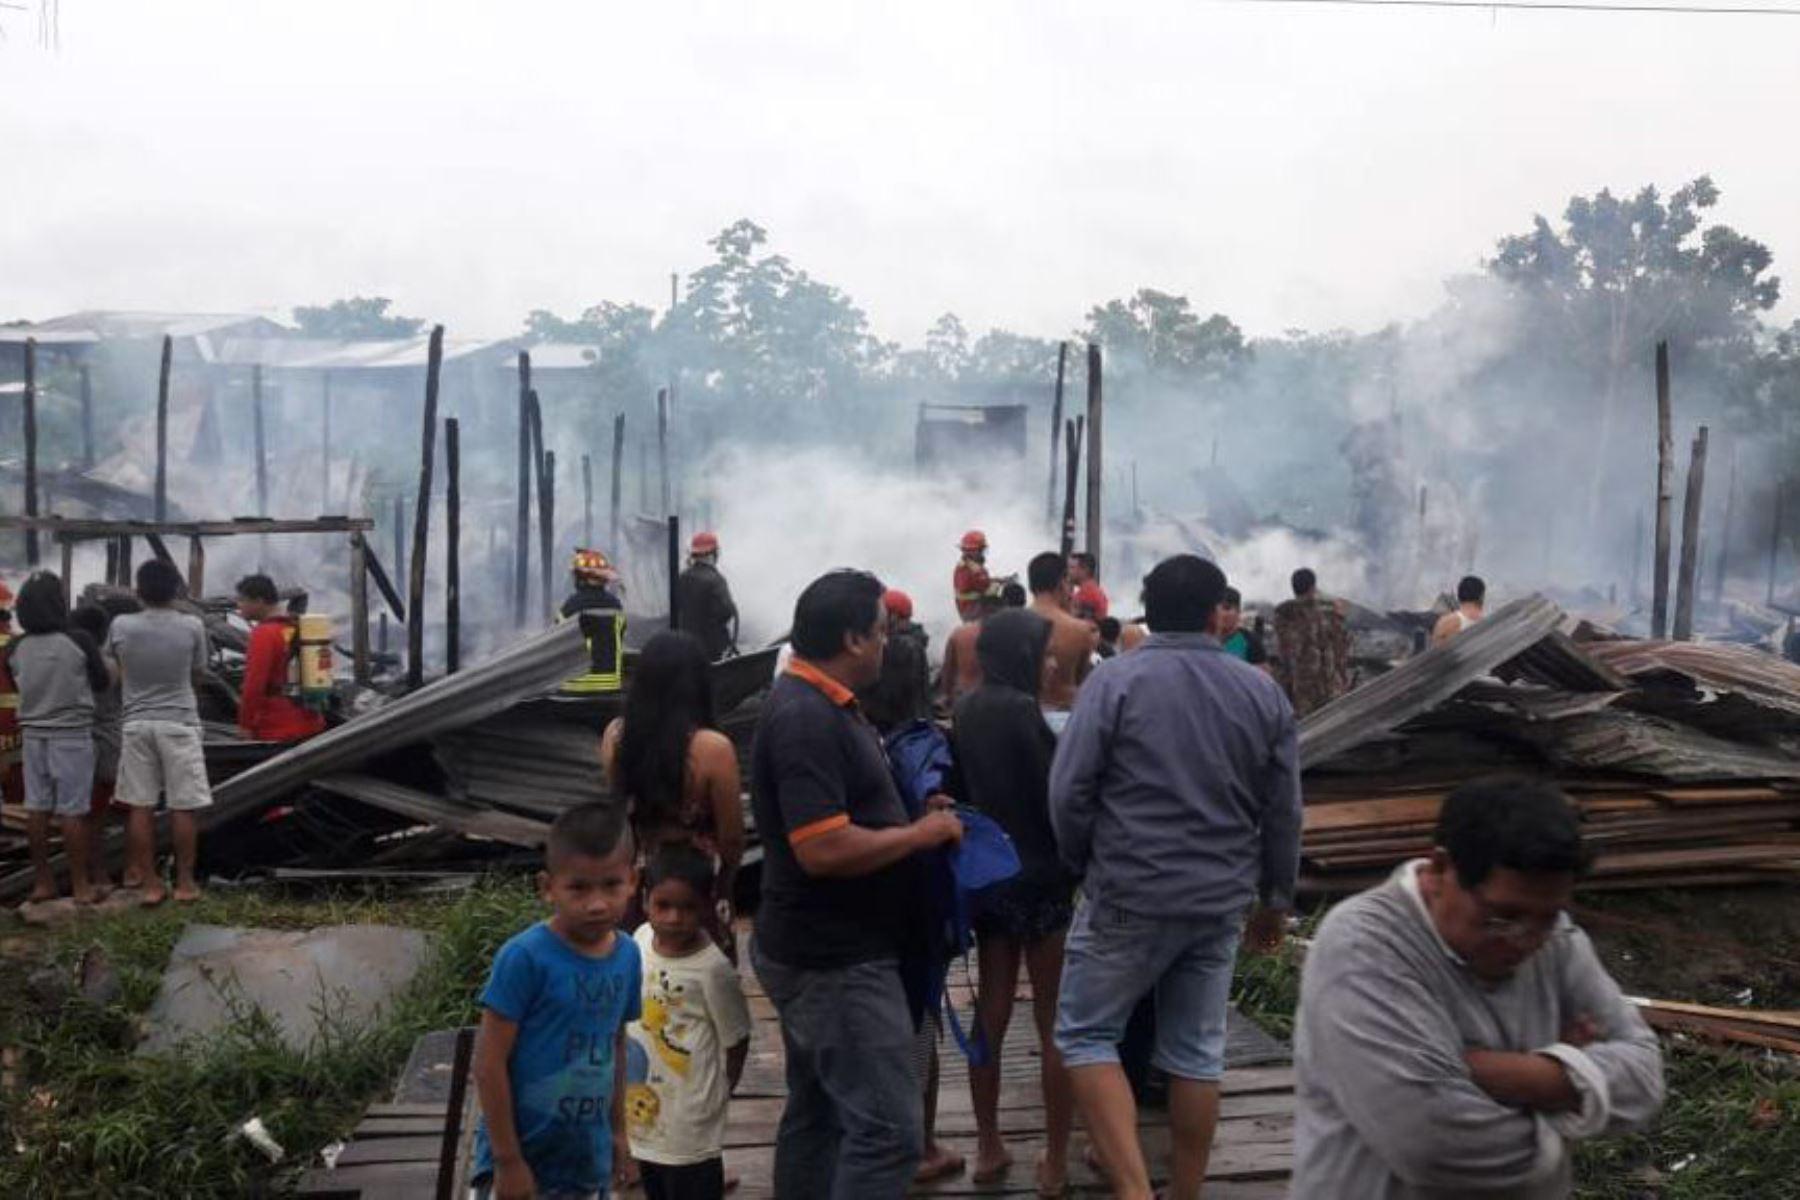 Nueve viviendas fueron completamente destruidas y otra quedó seriamente afectada por un incendio ocurrido esta madrugada en el distrito de San Juan Bautista, provincia de Maynas, región Loreto.